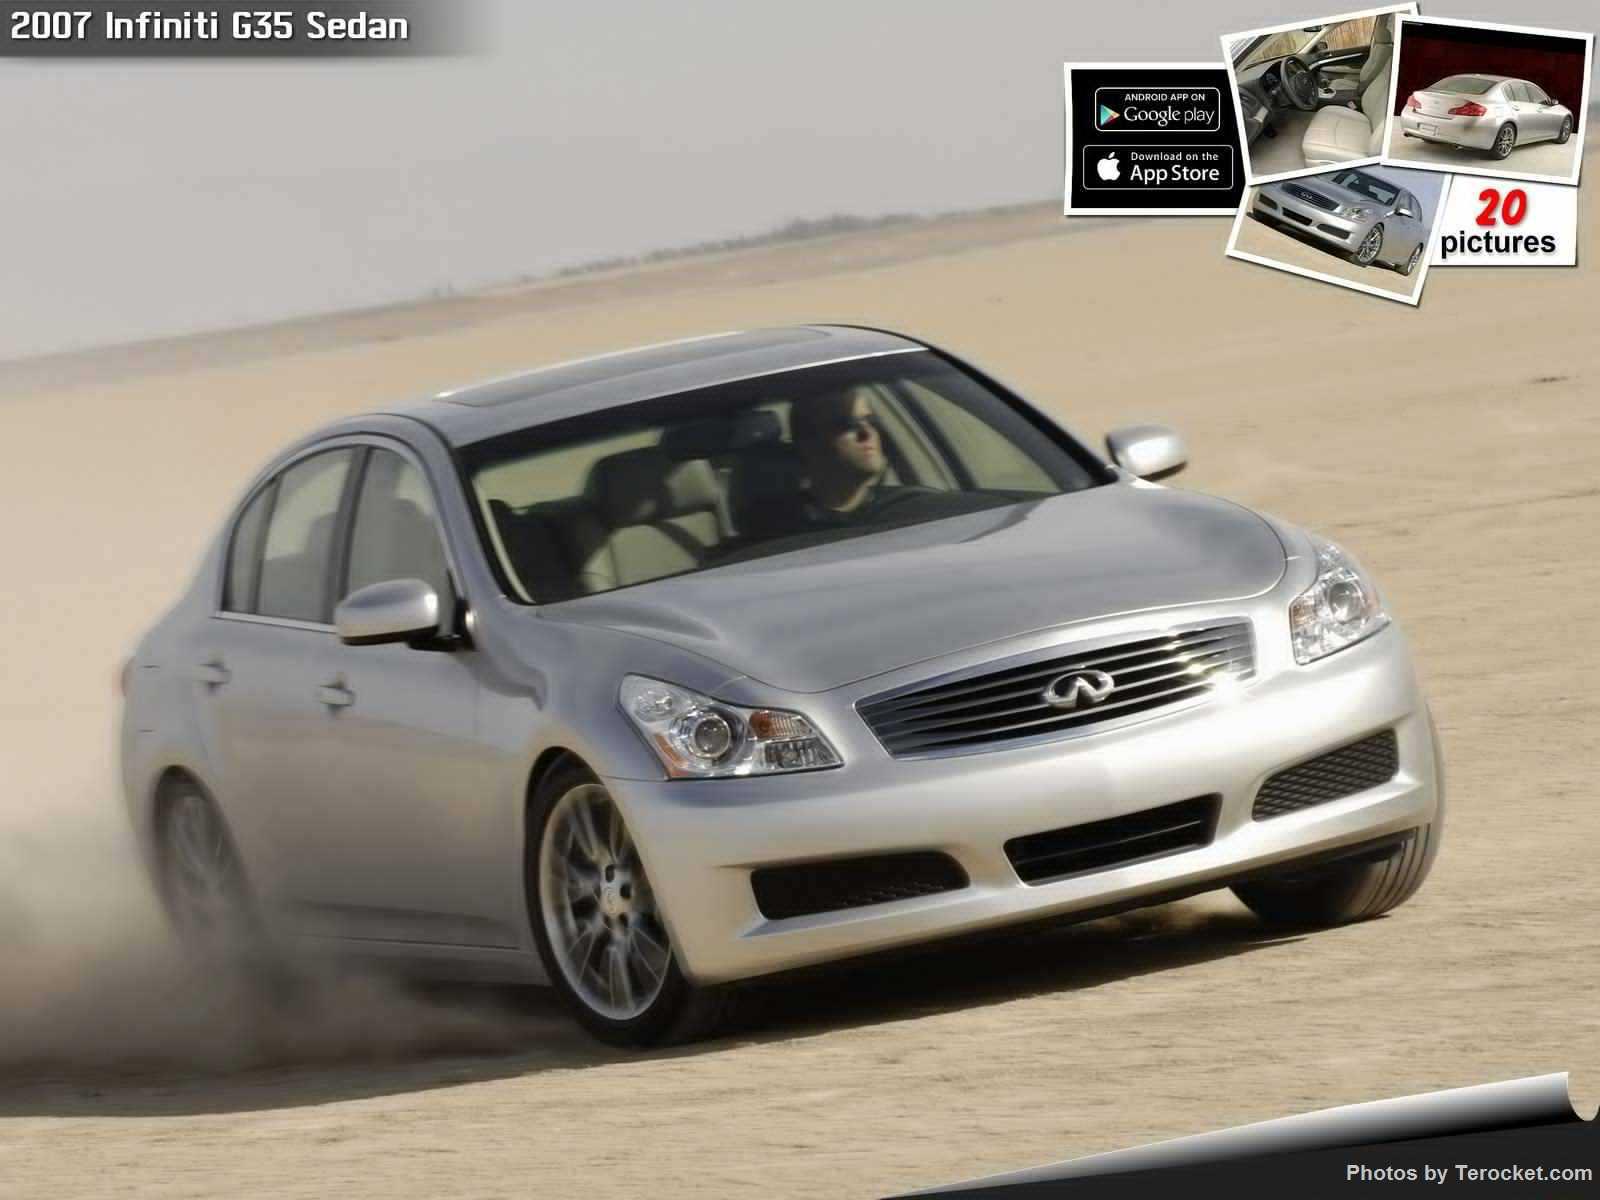 Hình ảnh xe ô tô Infiniti G35 Sedan 2007 & nội ngoại thất